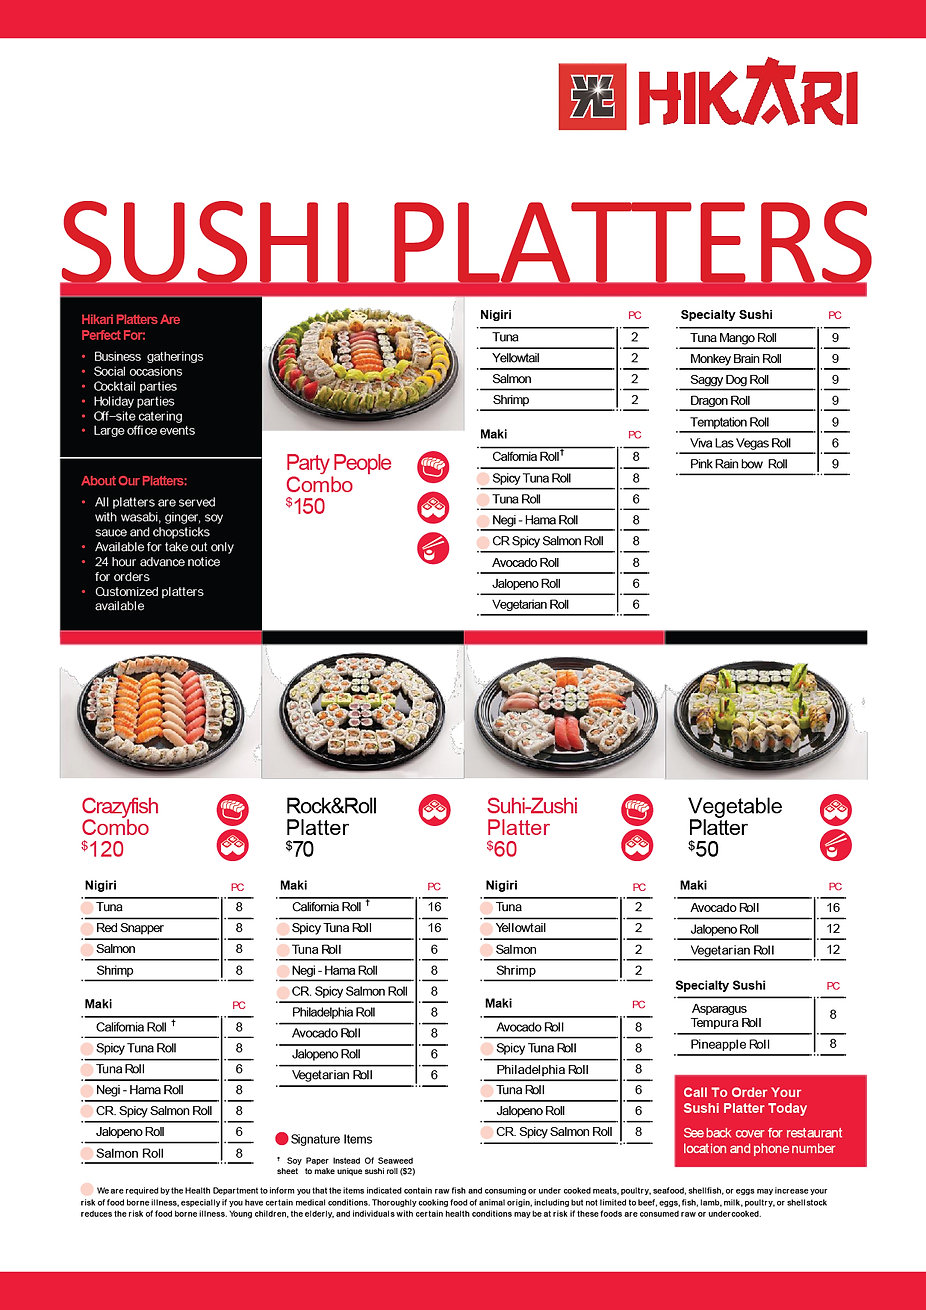 Hikari Sushi Restaurant